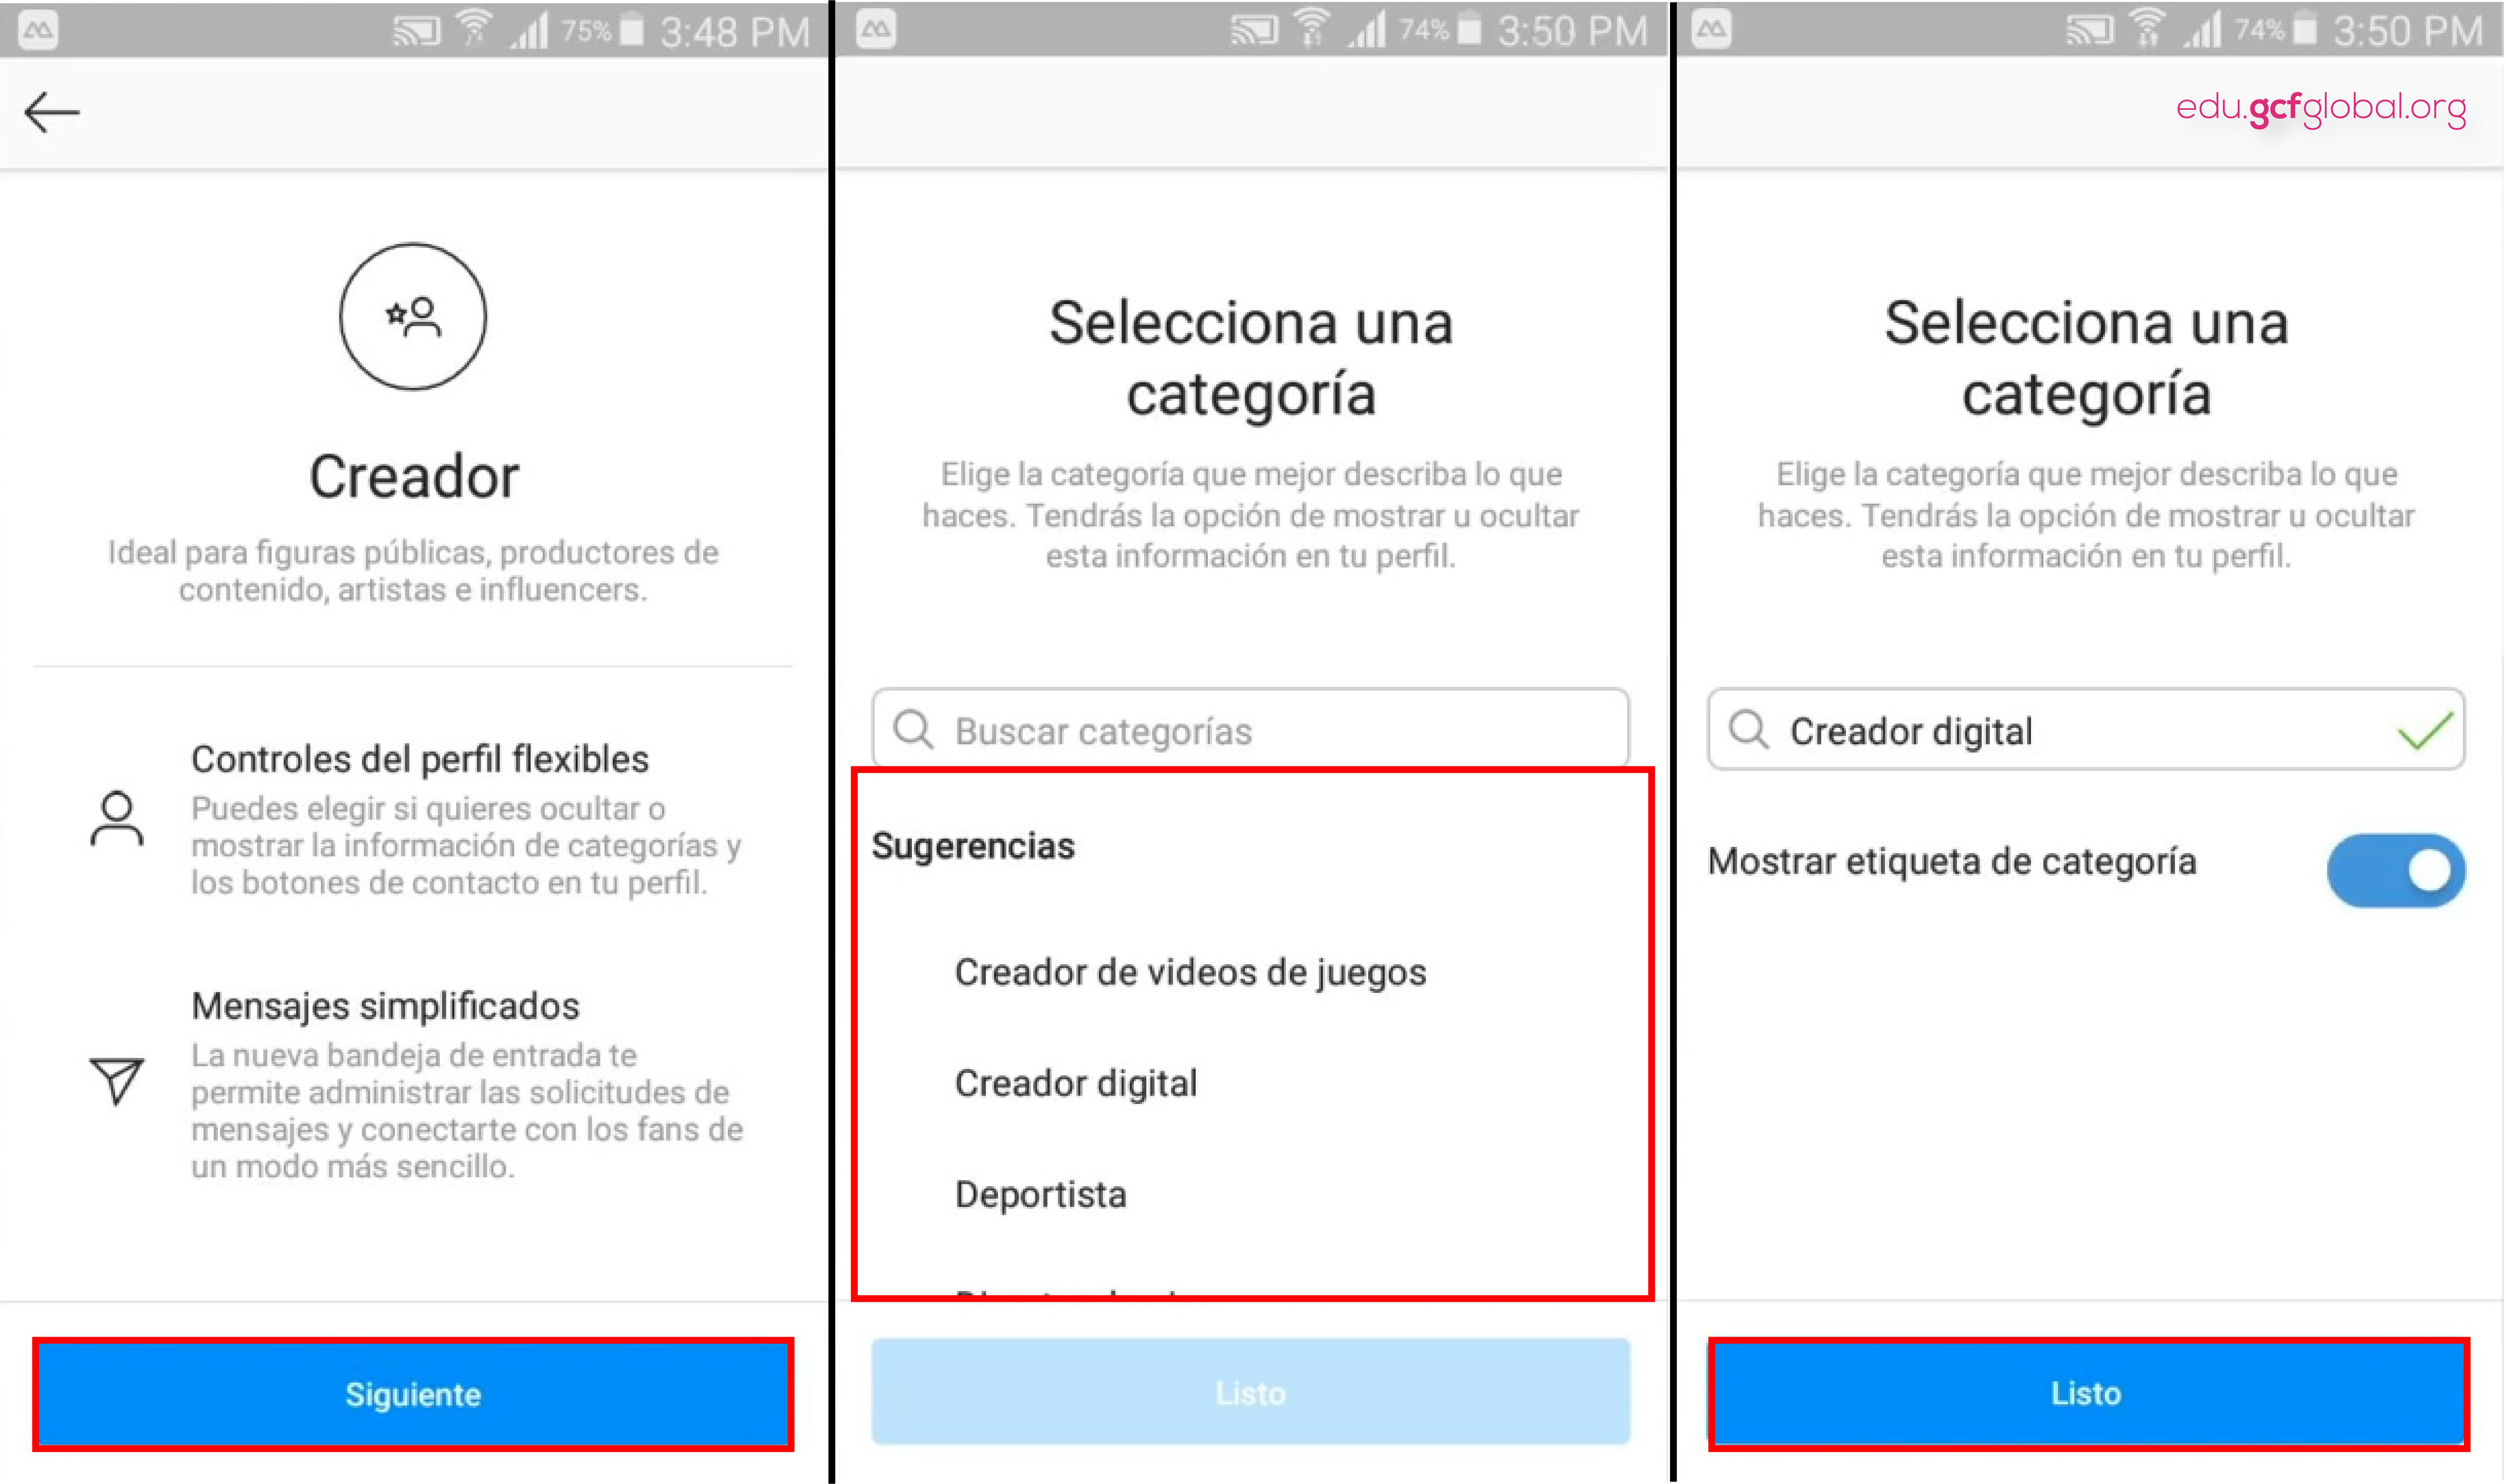 Imagen haciendo clic en Siguiente y seleccionando una Categoría.